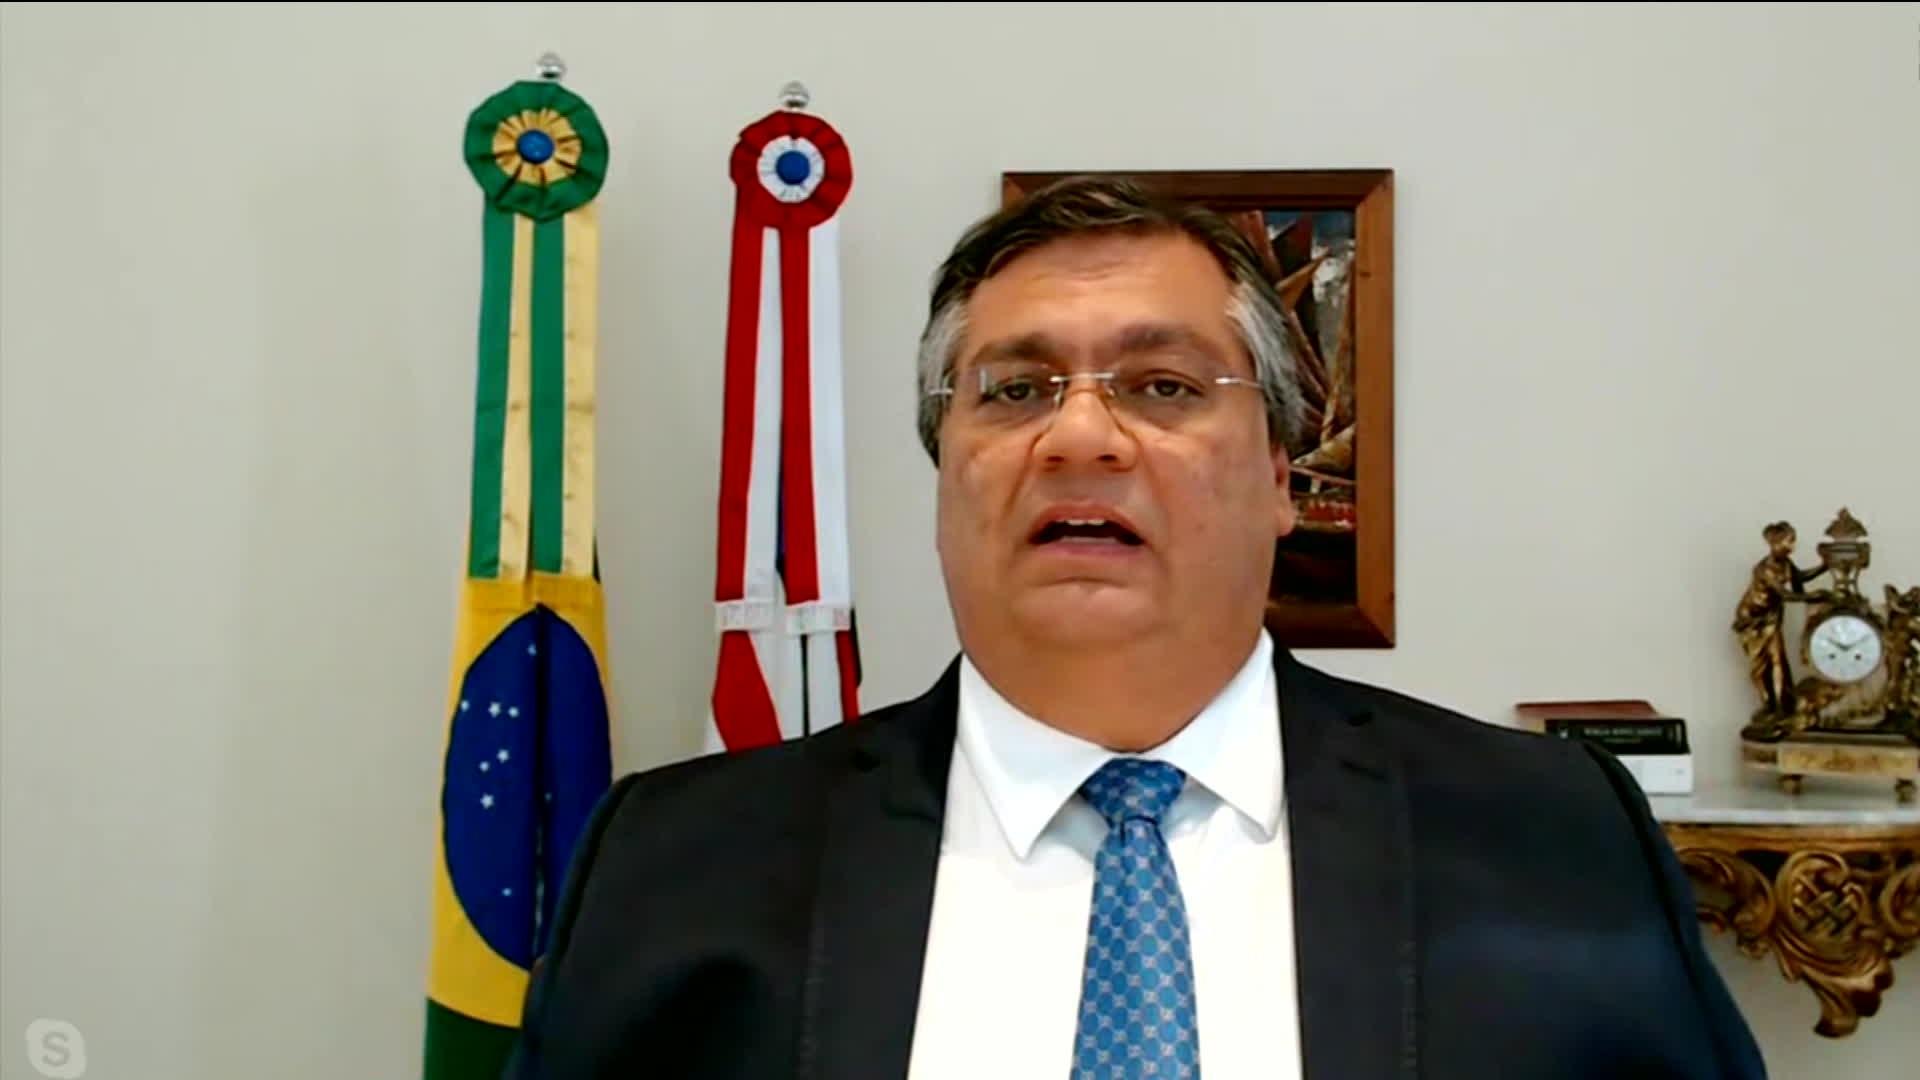 Governador Flávio Dino anuncia desfiliação do PCdoB, após 15 anos no partido